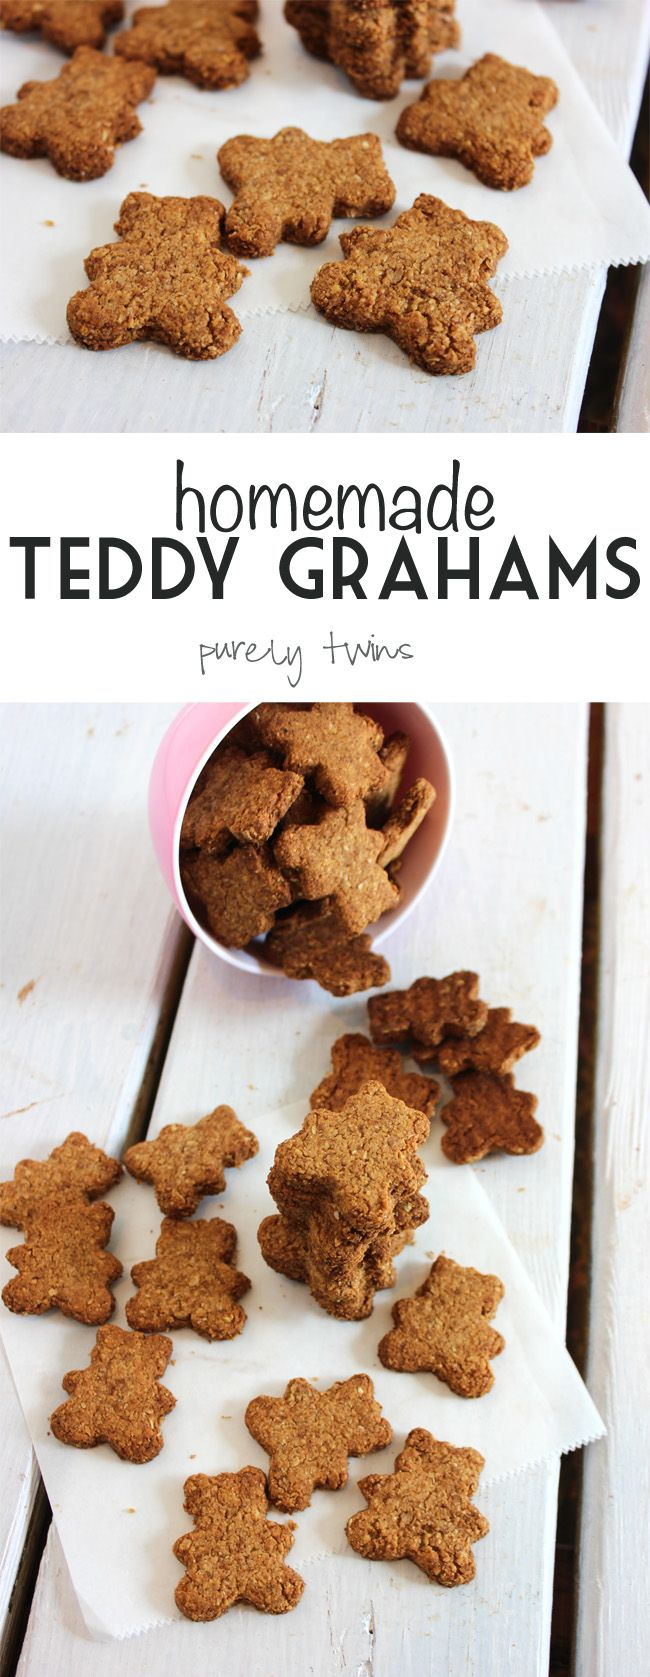 Homemade Teddy Grahams with tigernut flour (AIP friendly)